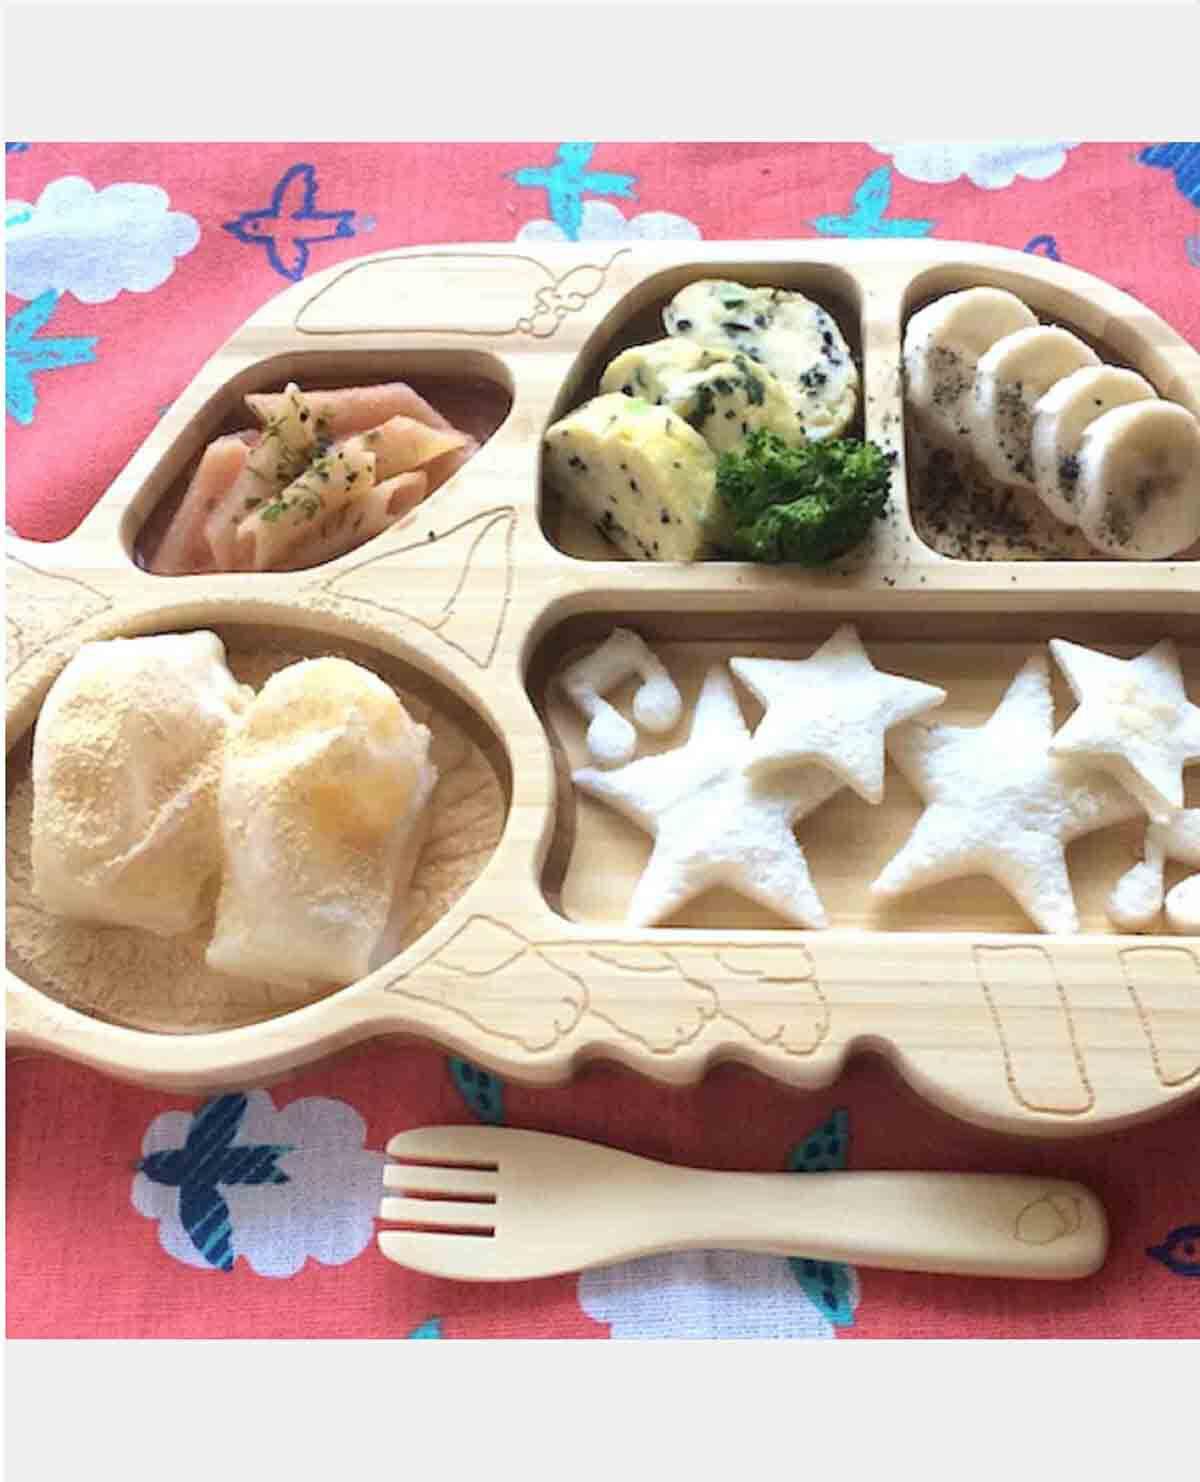 ねこバス プレート セット ベビー食器 木製 竹